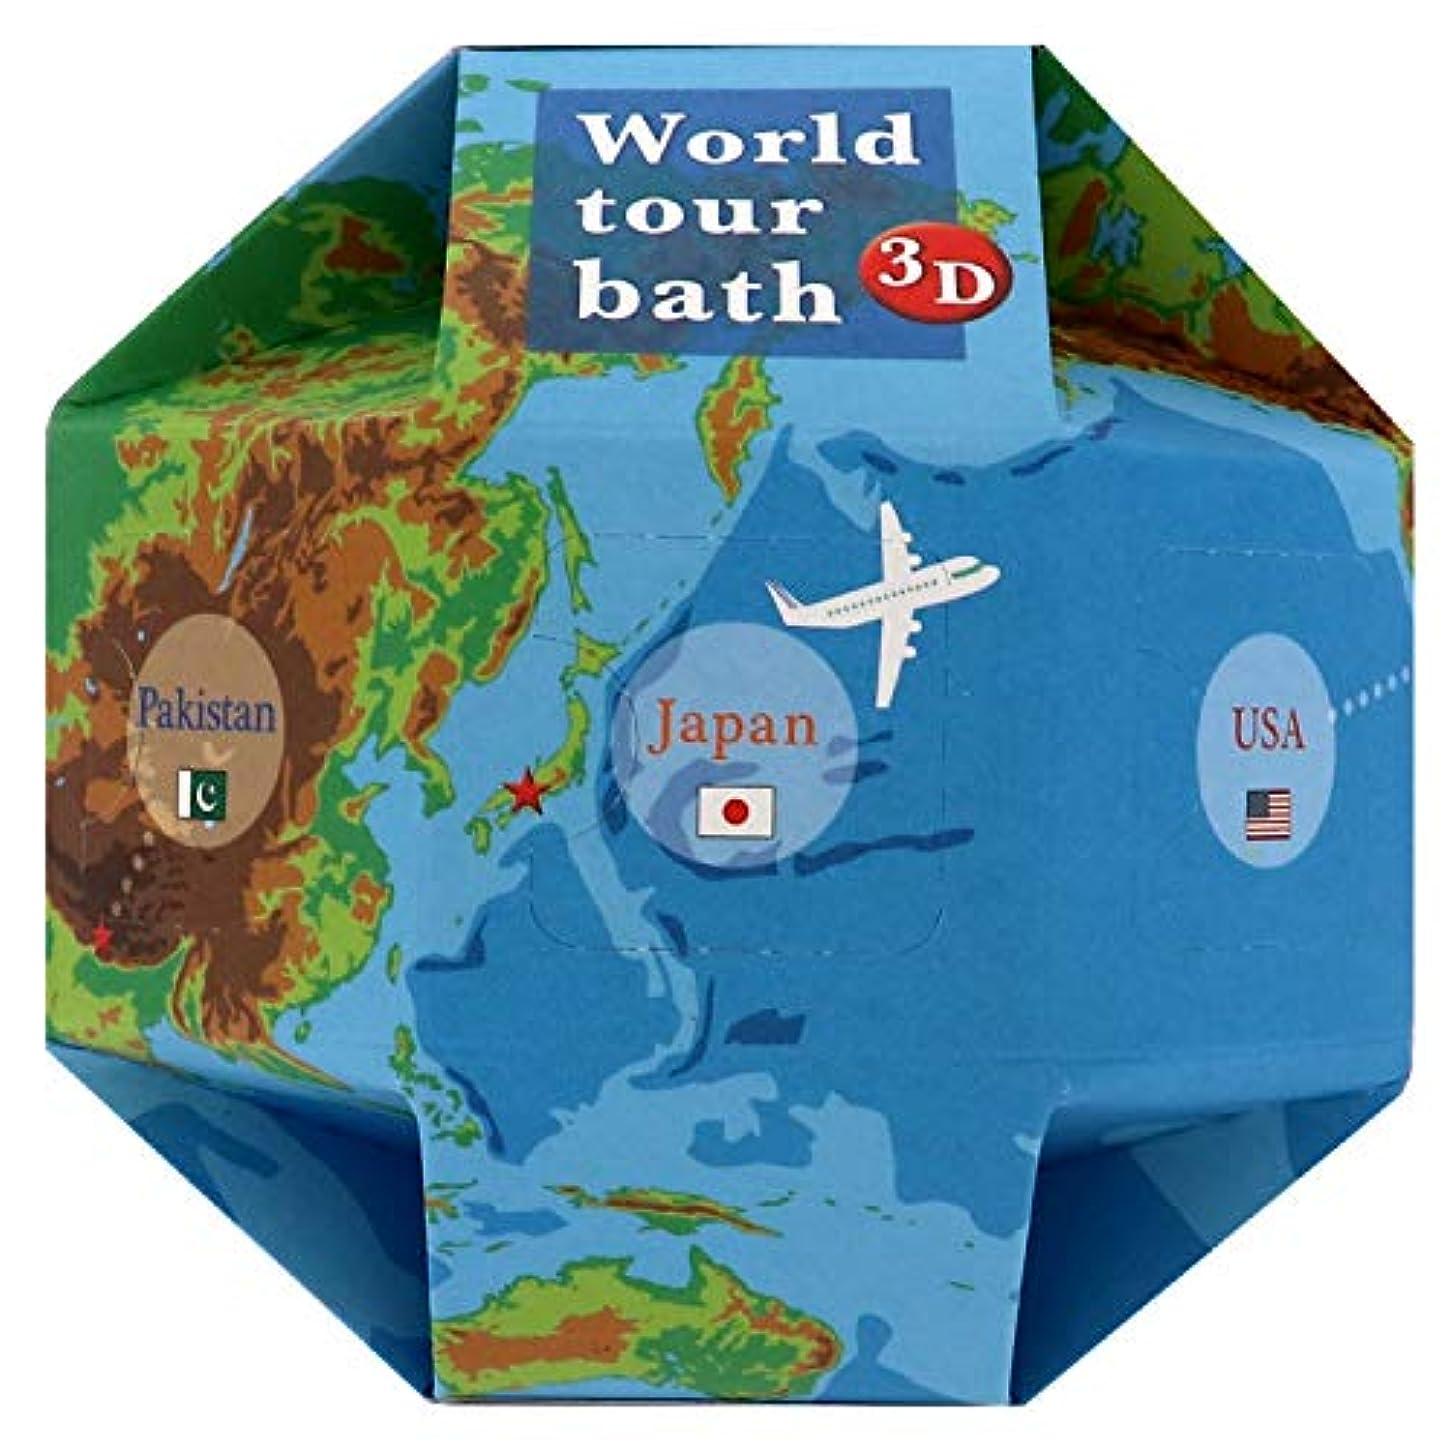 核リットル道を作るジーピークリエイツ ワールドツアーバス 3D バスソルト 25g×7包